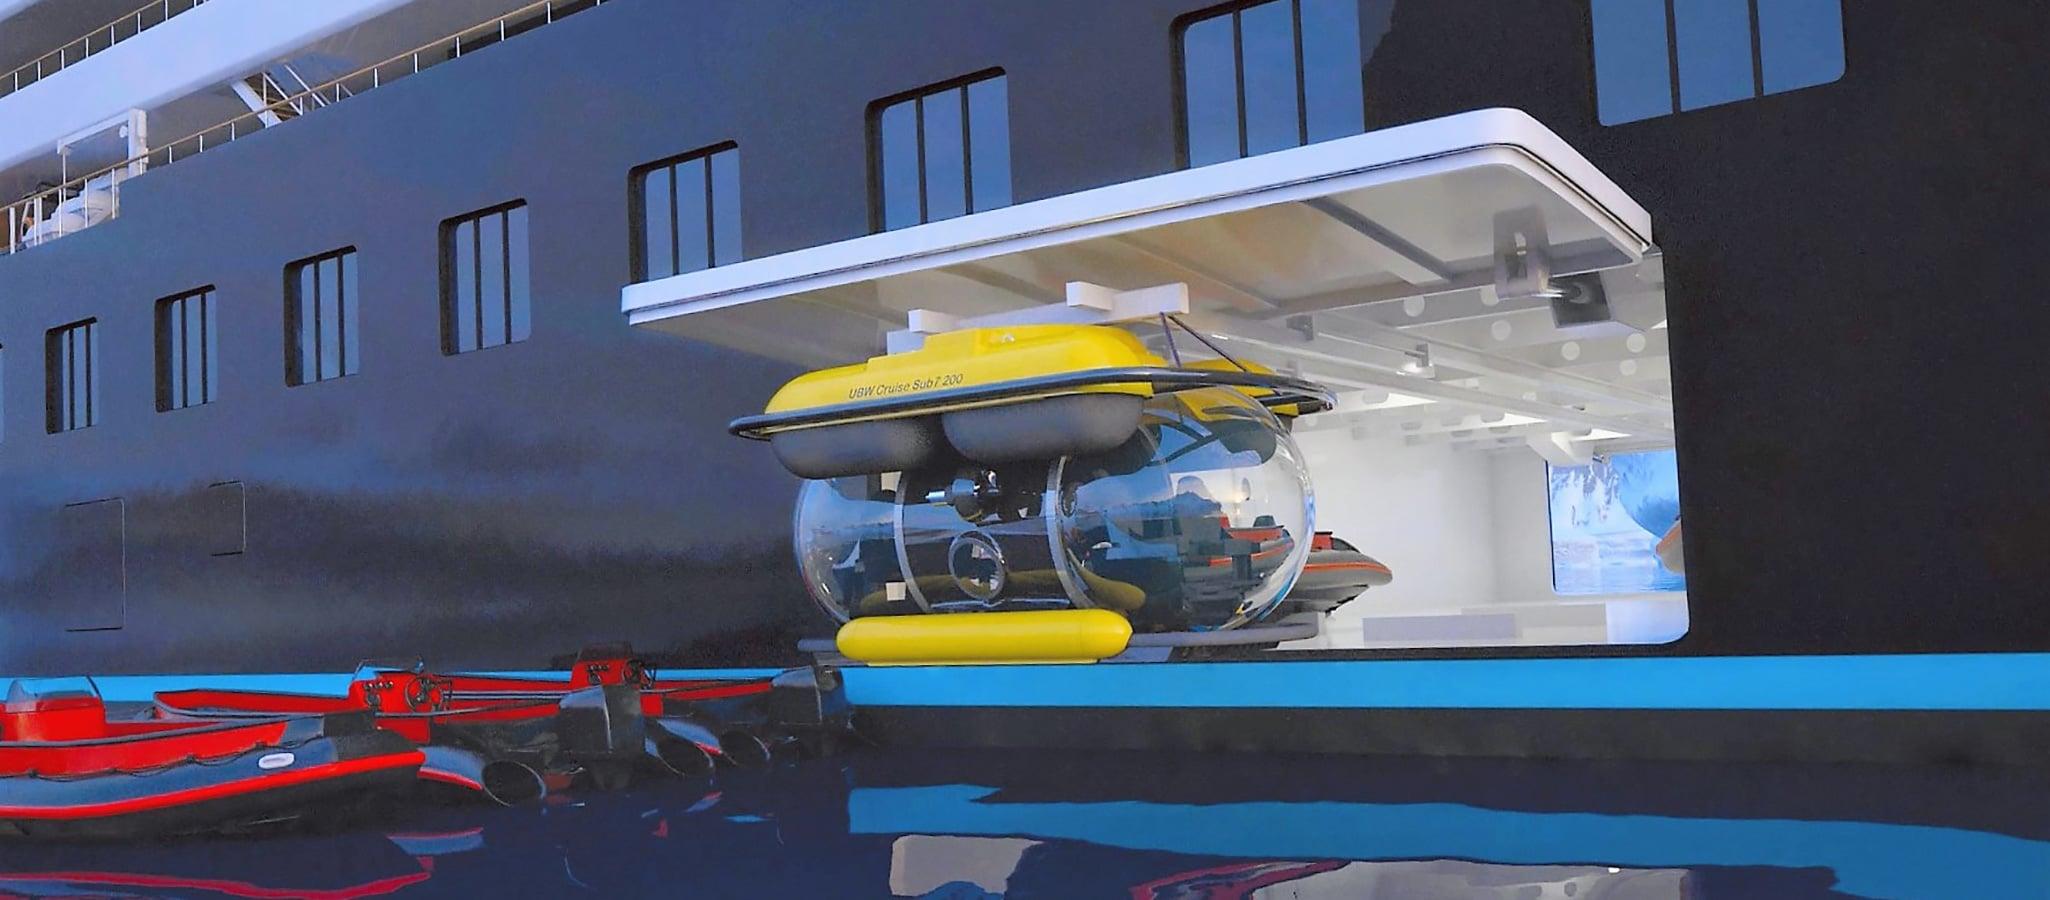 Tauchboote ermöglichen Ihren Teilnehmern abenteuerliche Erkundungen der Unterwasserwelt.